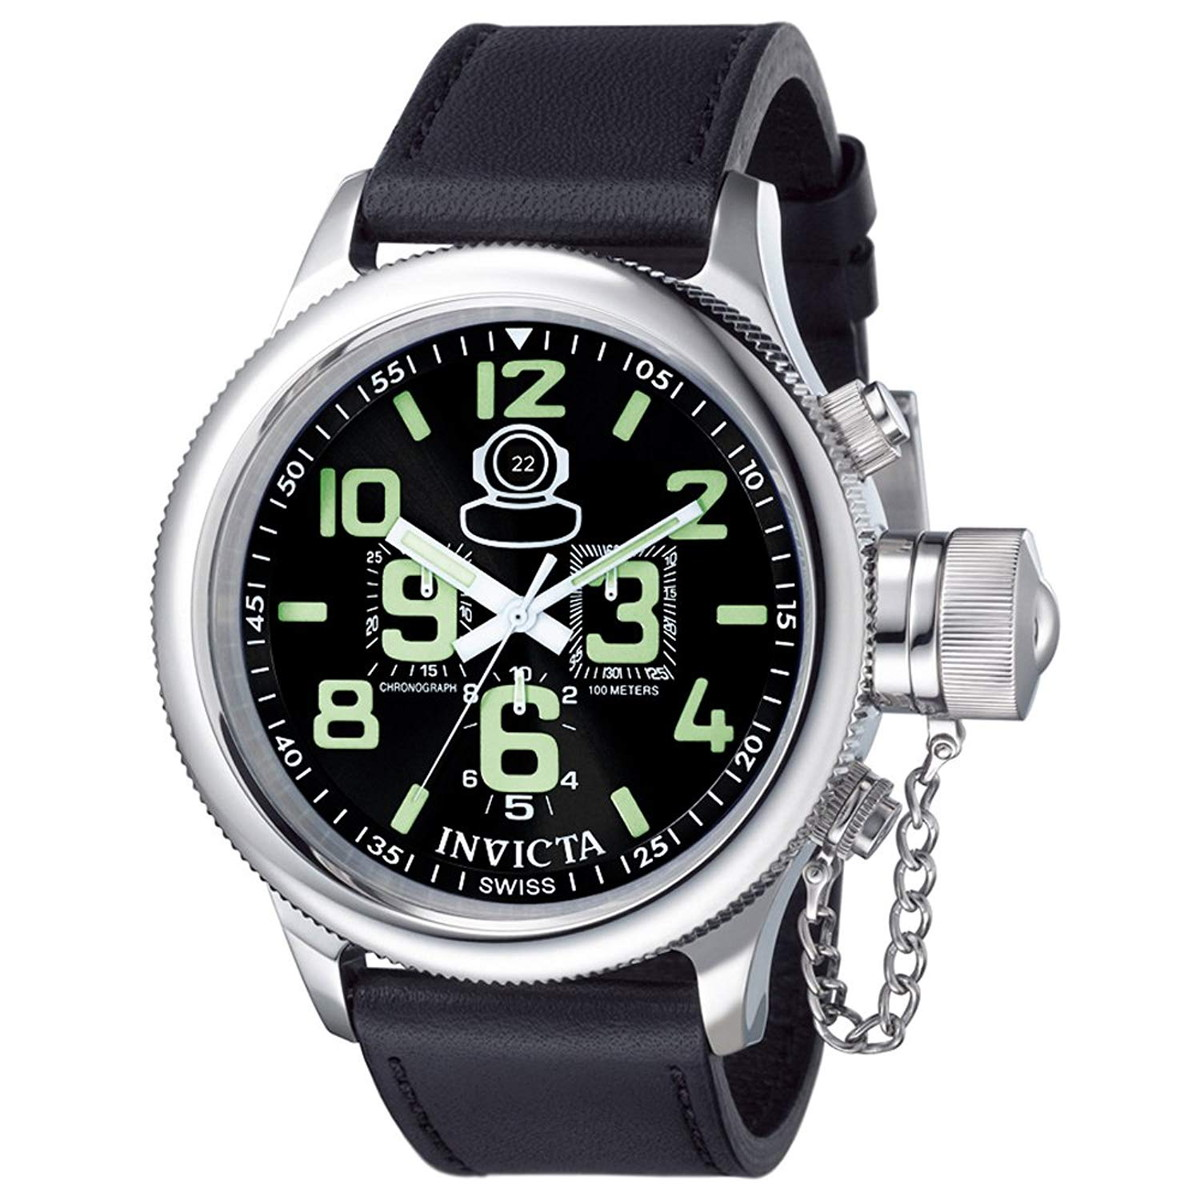 インヴィクタ インビクタ 腕時計 メンズ Invicta Men's 7000 Signature Collection Russian Diver Chronograph Watchインヴィクタ インビクタ 腕時計 メンズ